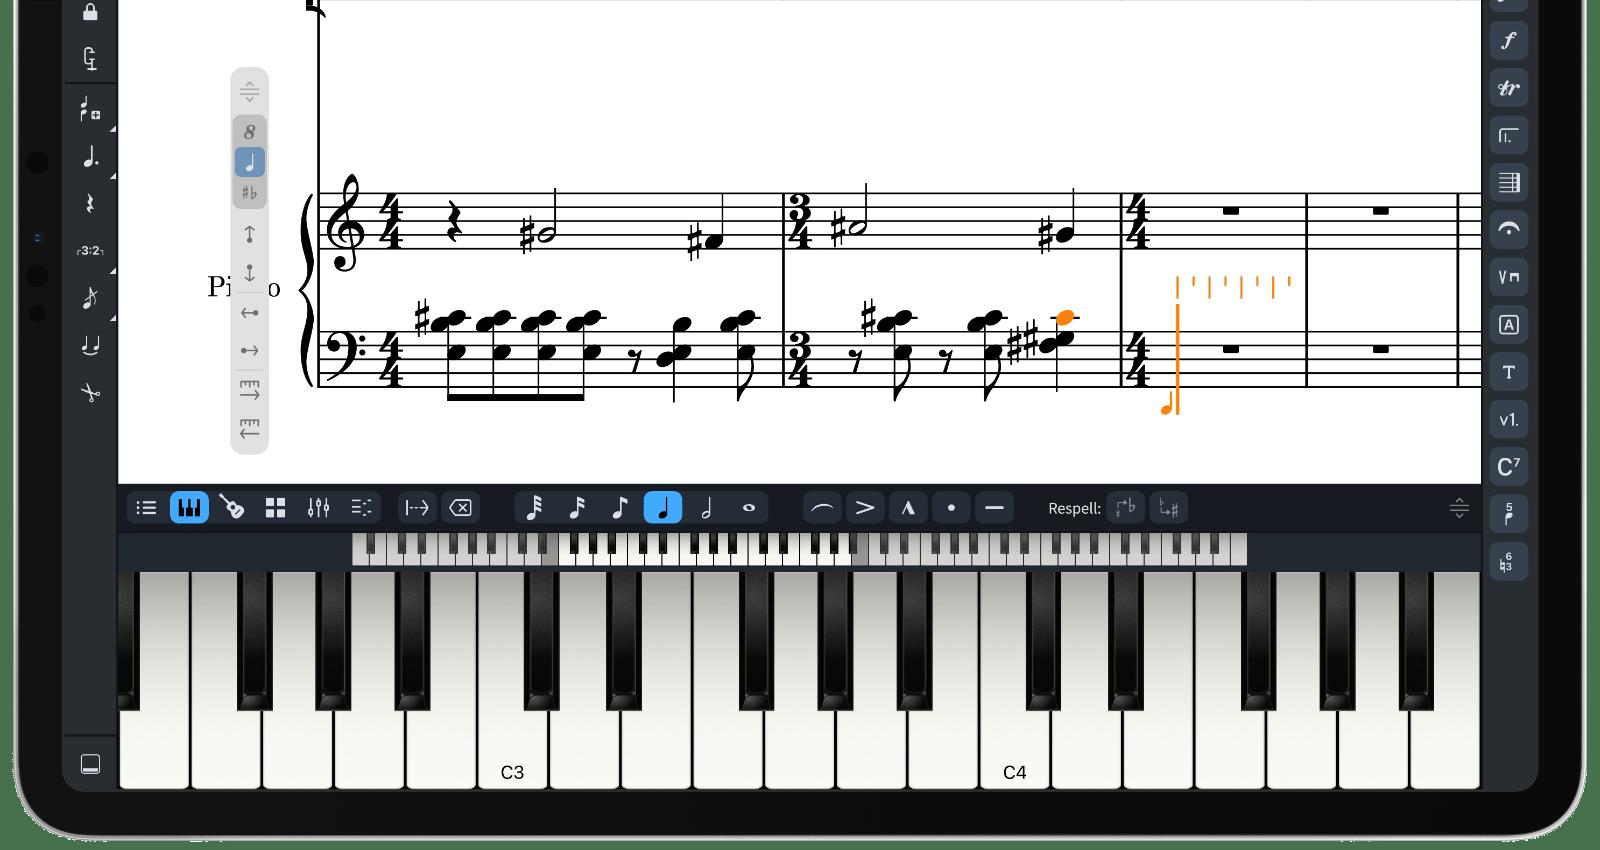 On-screen piano keyboard in Dorico for iPad